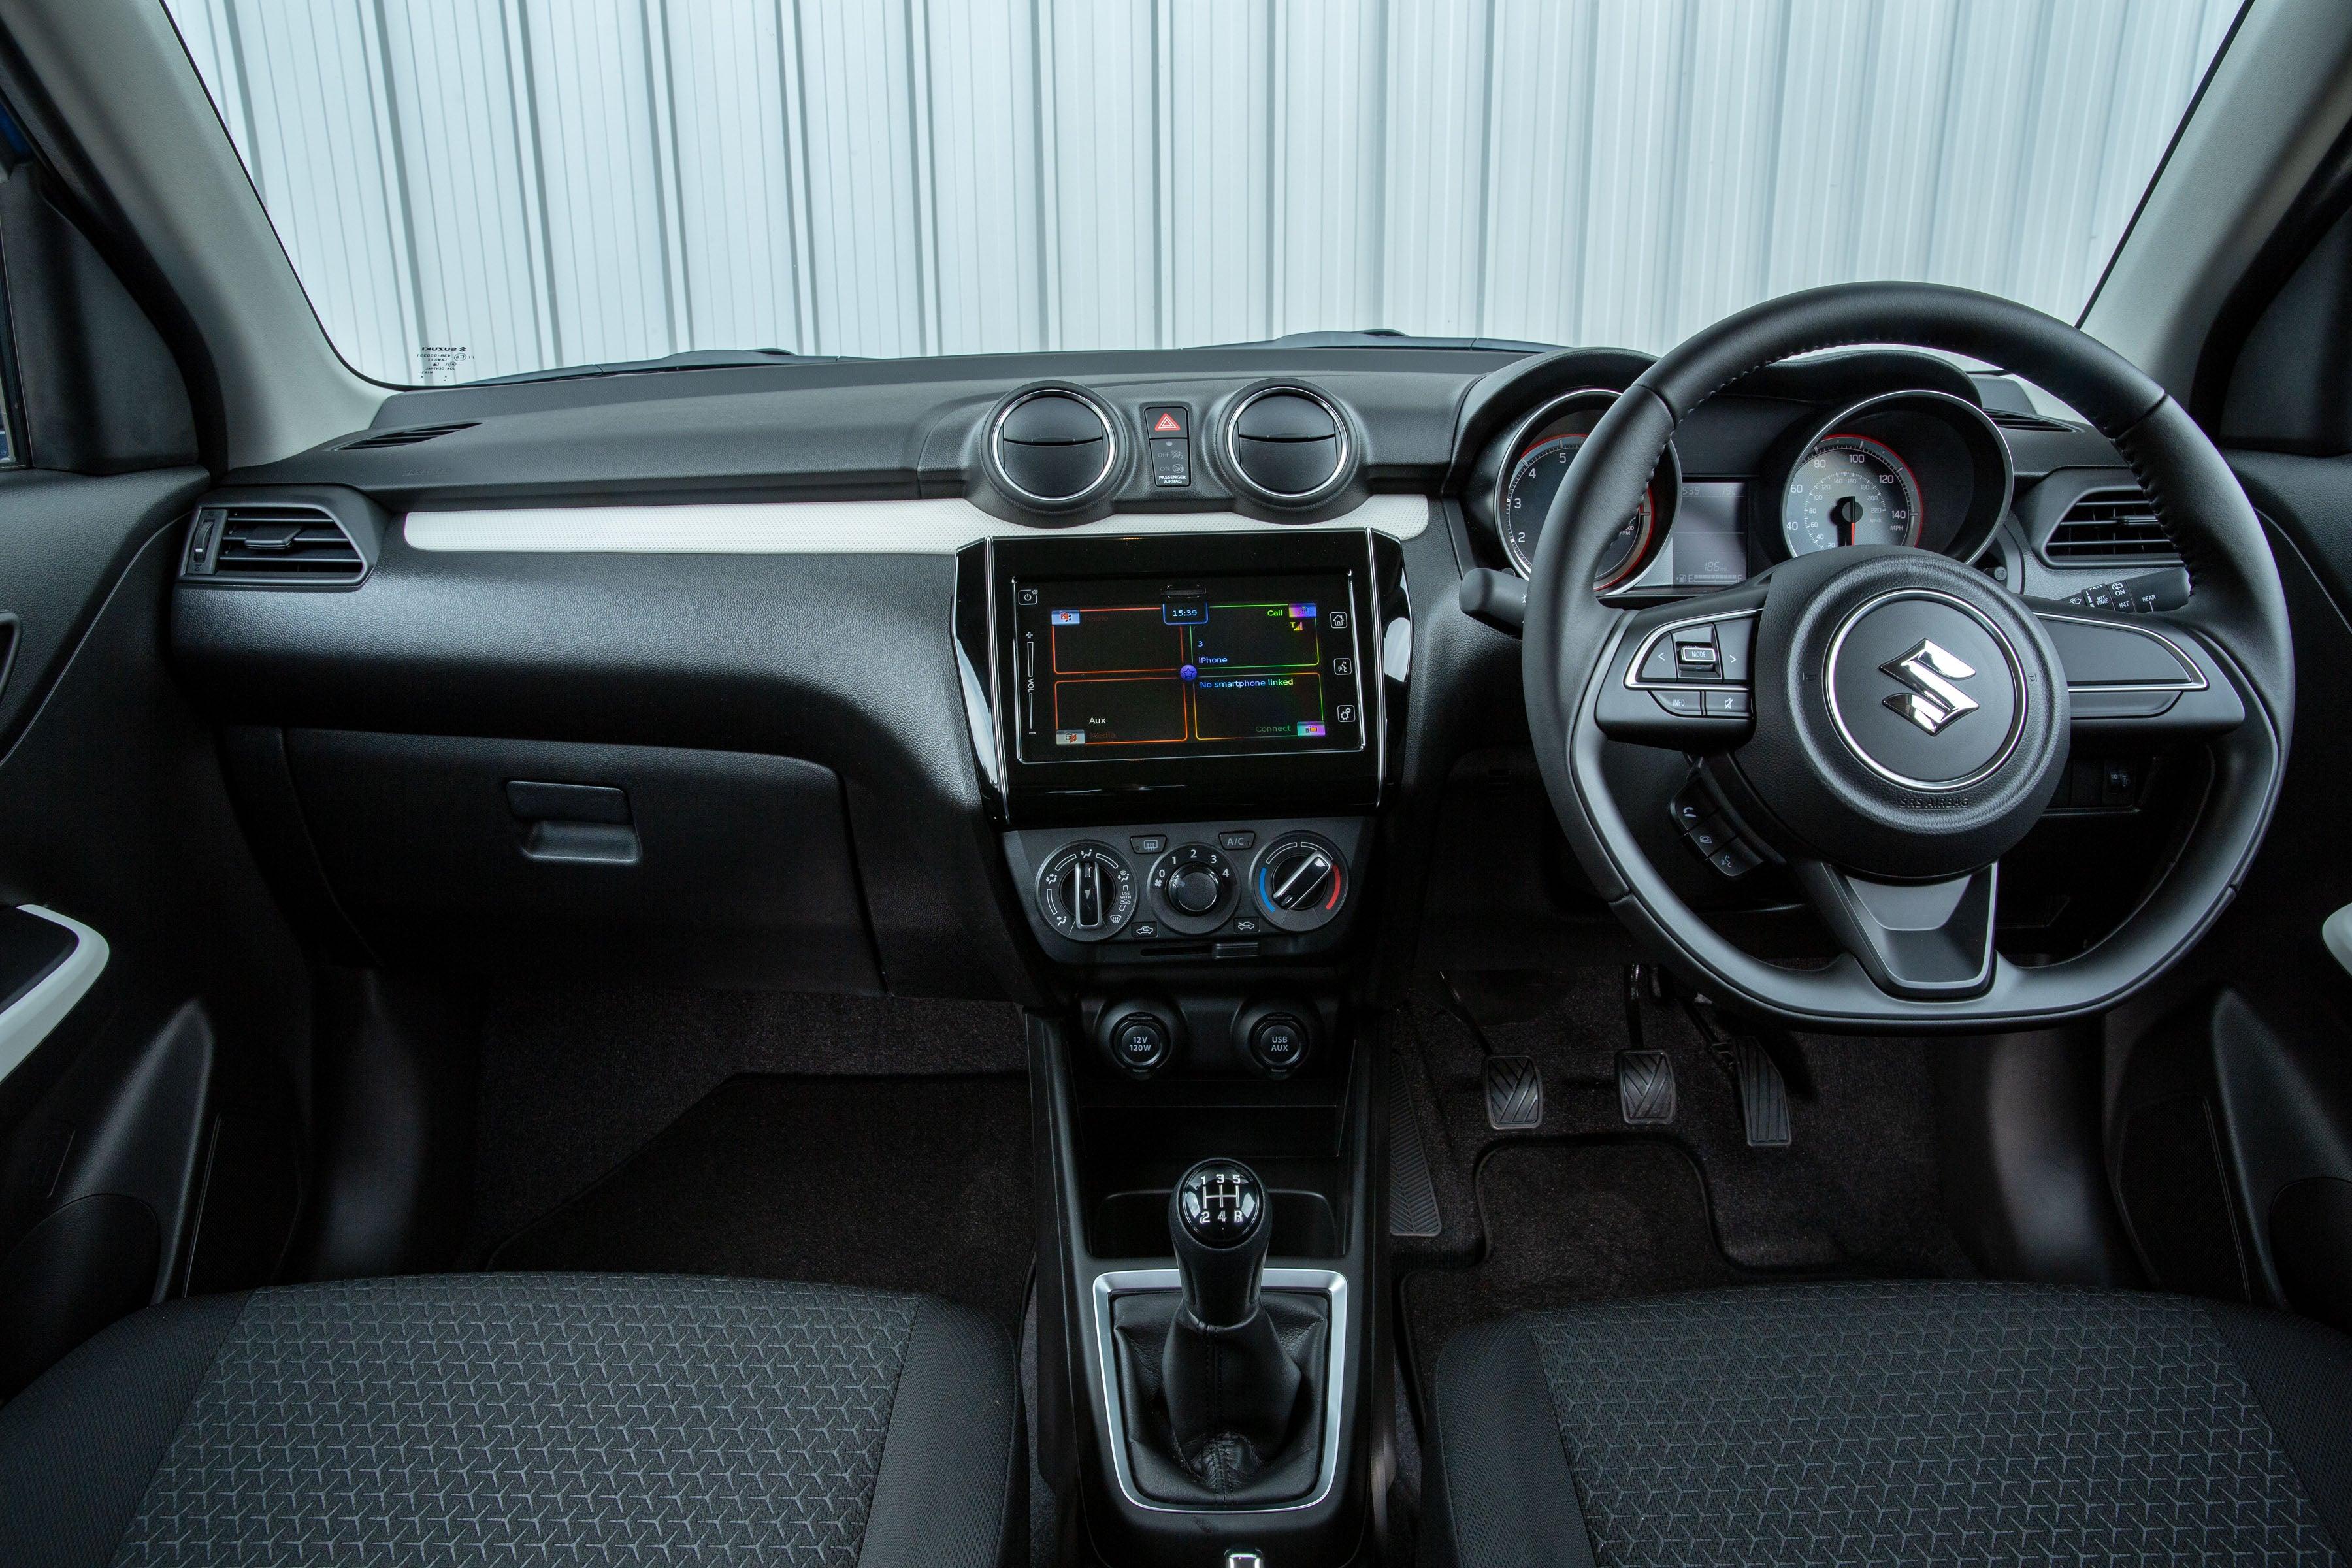 Suzuki Swift Front Interior